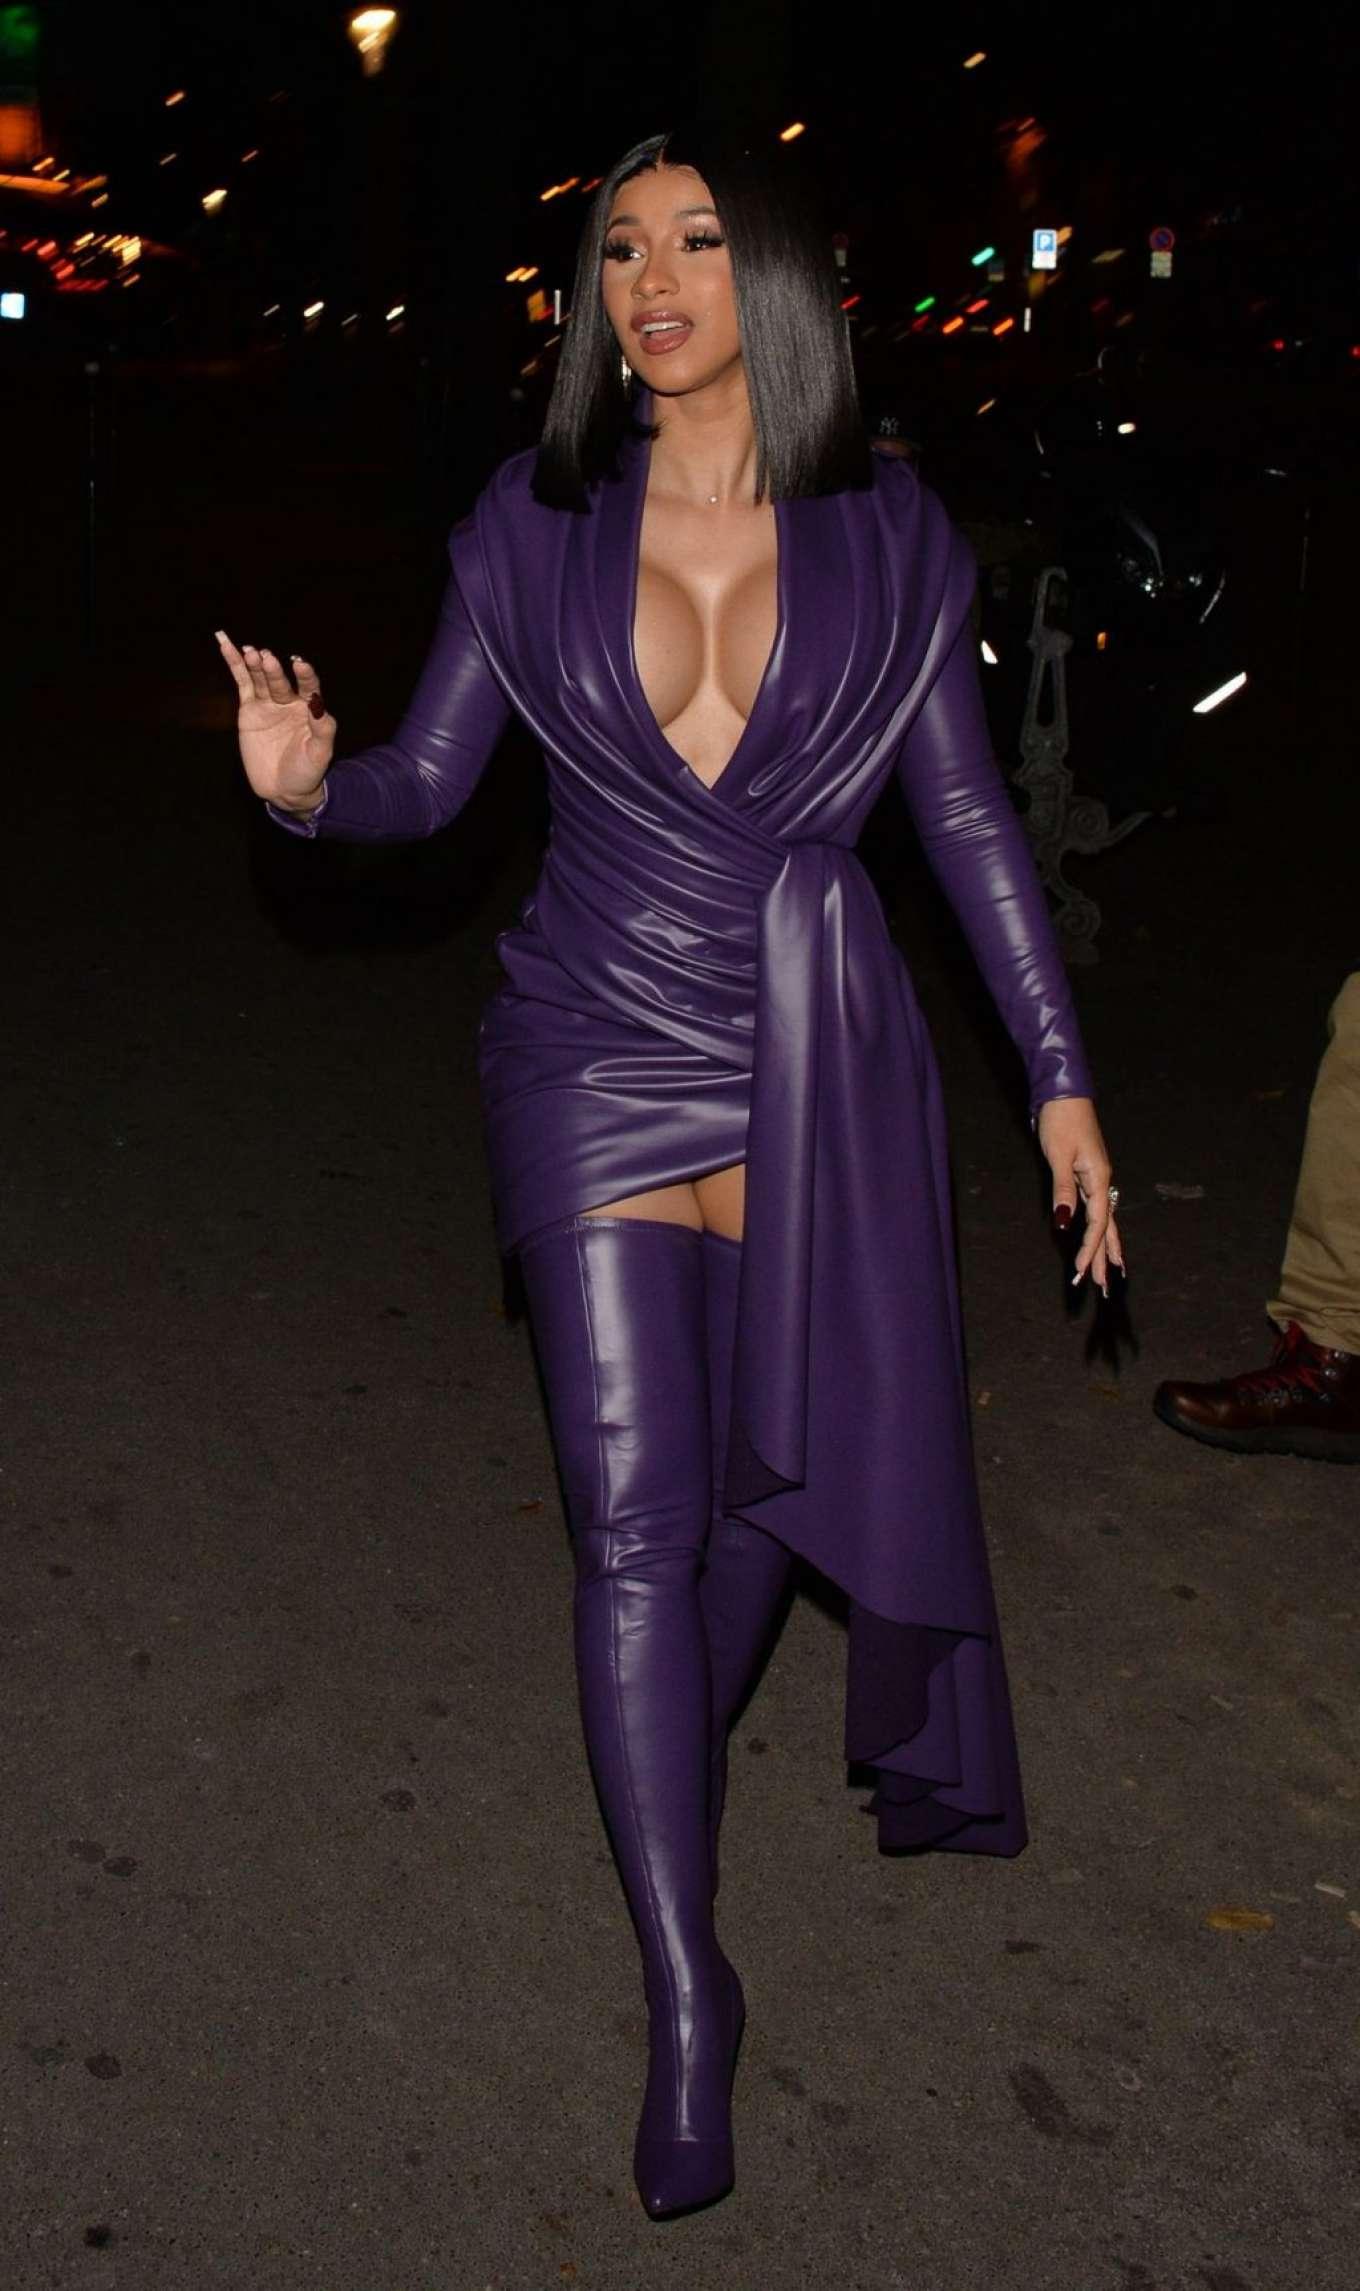 Cardi B 2019 : Cardi B in Low Cut Leather Dress – Out in Paris-05